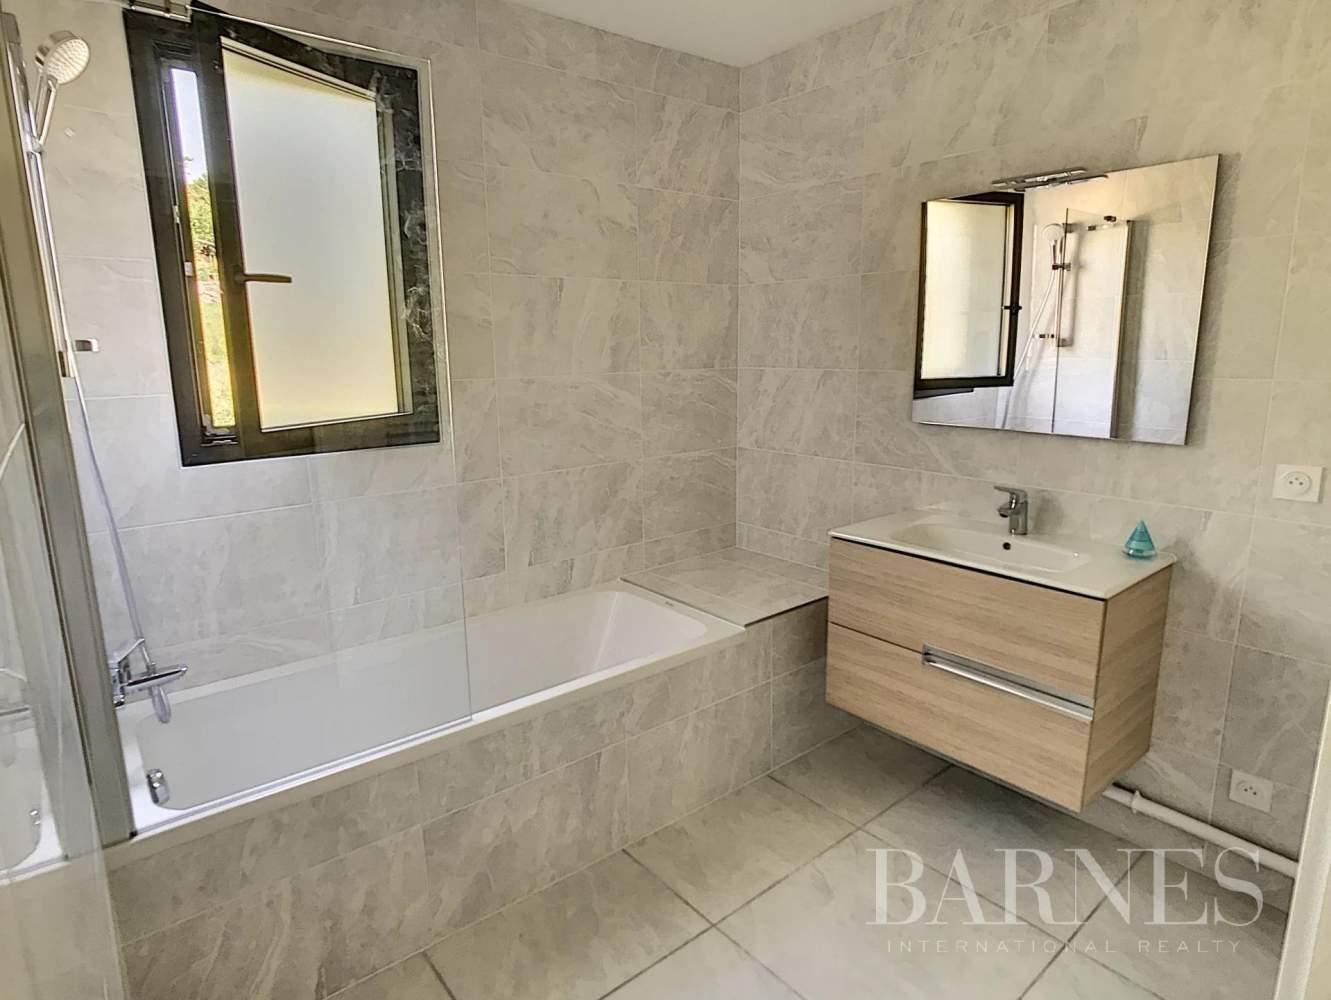 Saint-Gervais-les-Bains  - Appartement 2 Pièces, 1 Chambre - picture 7